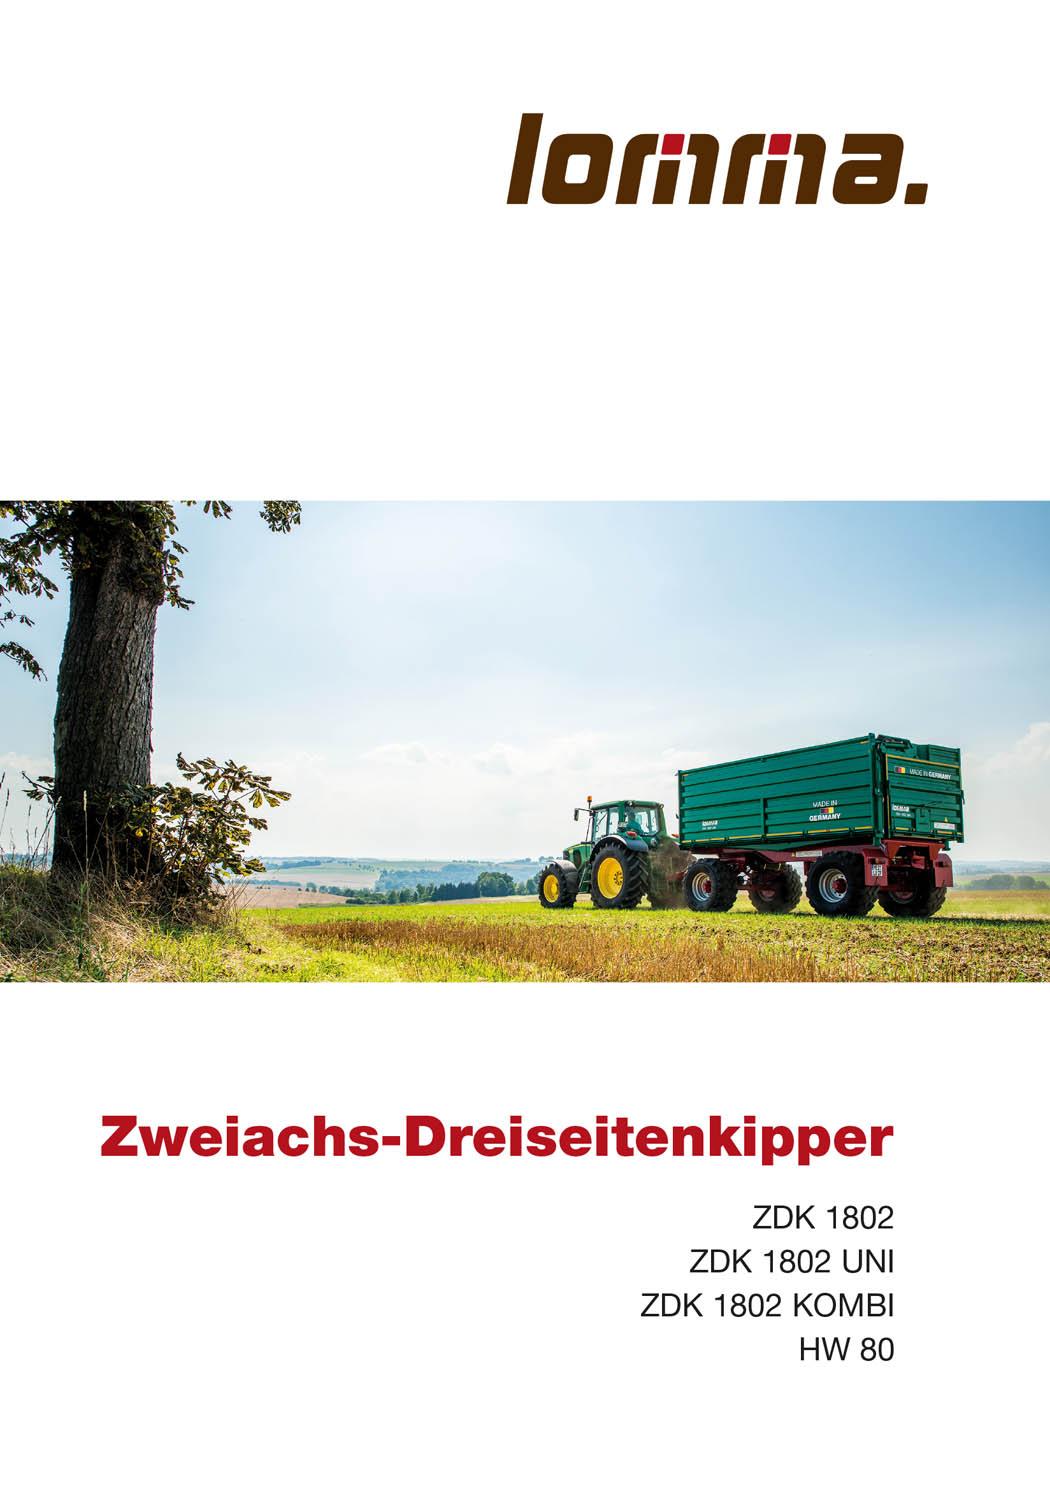 Transporttechnik Lomma Sachsen